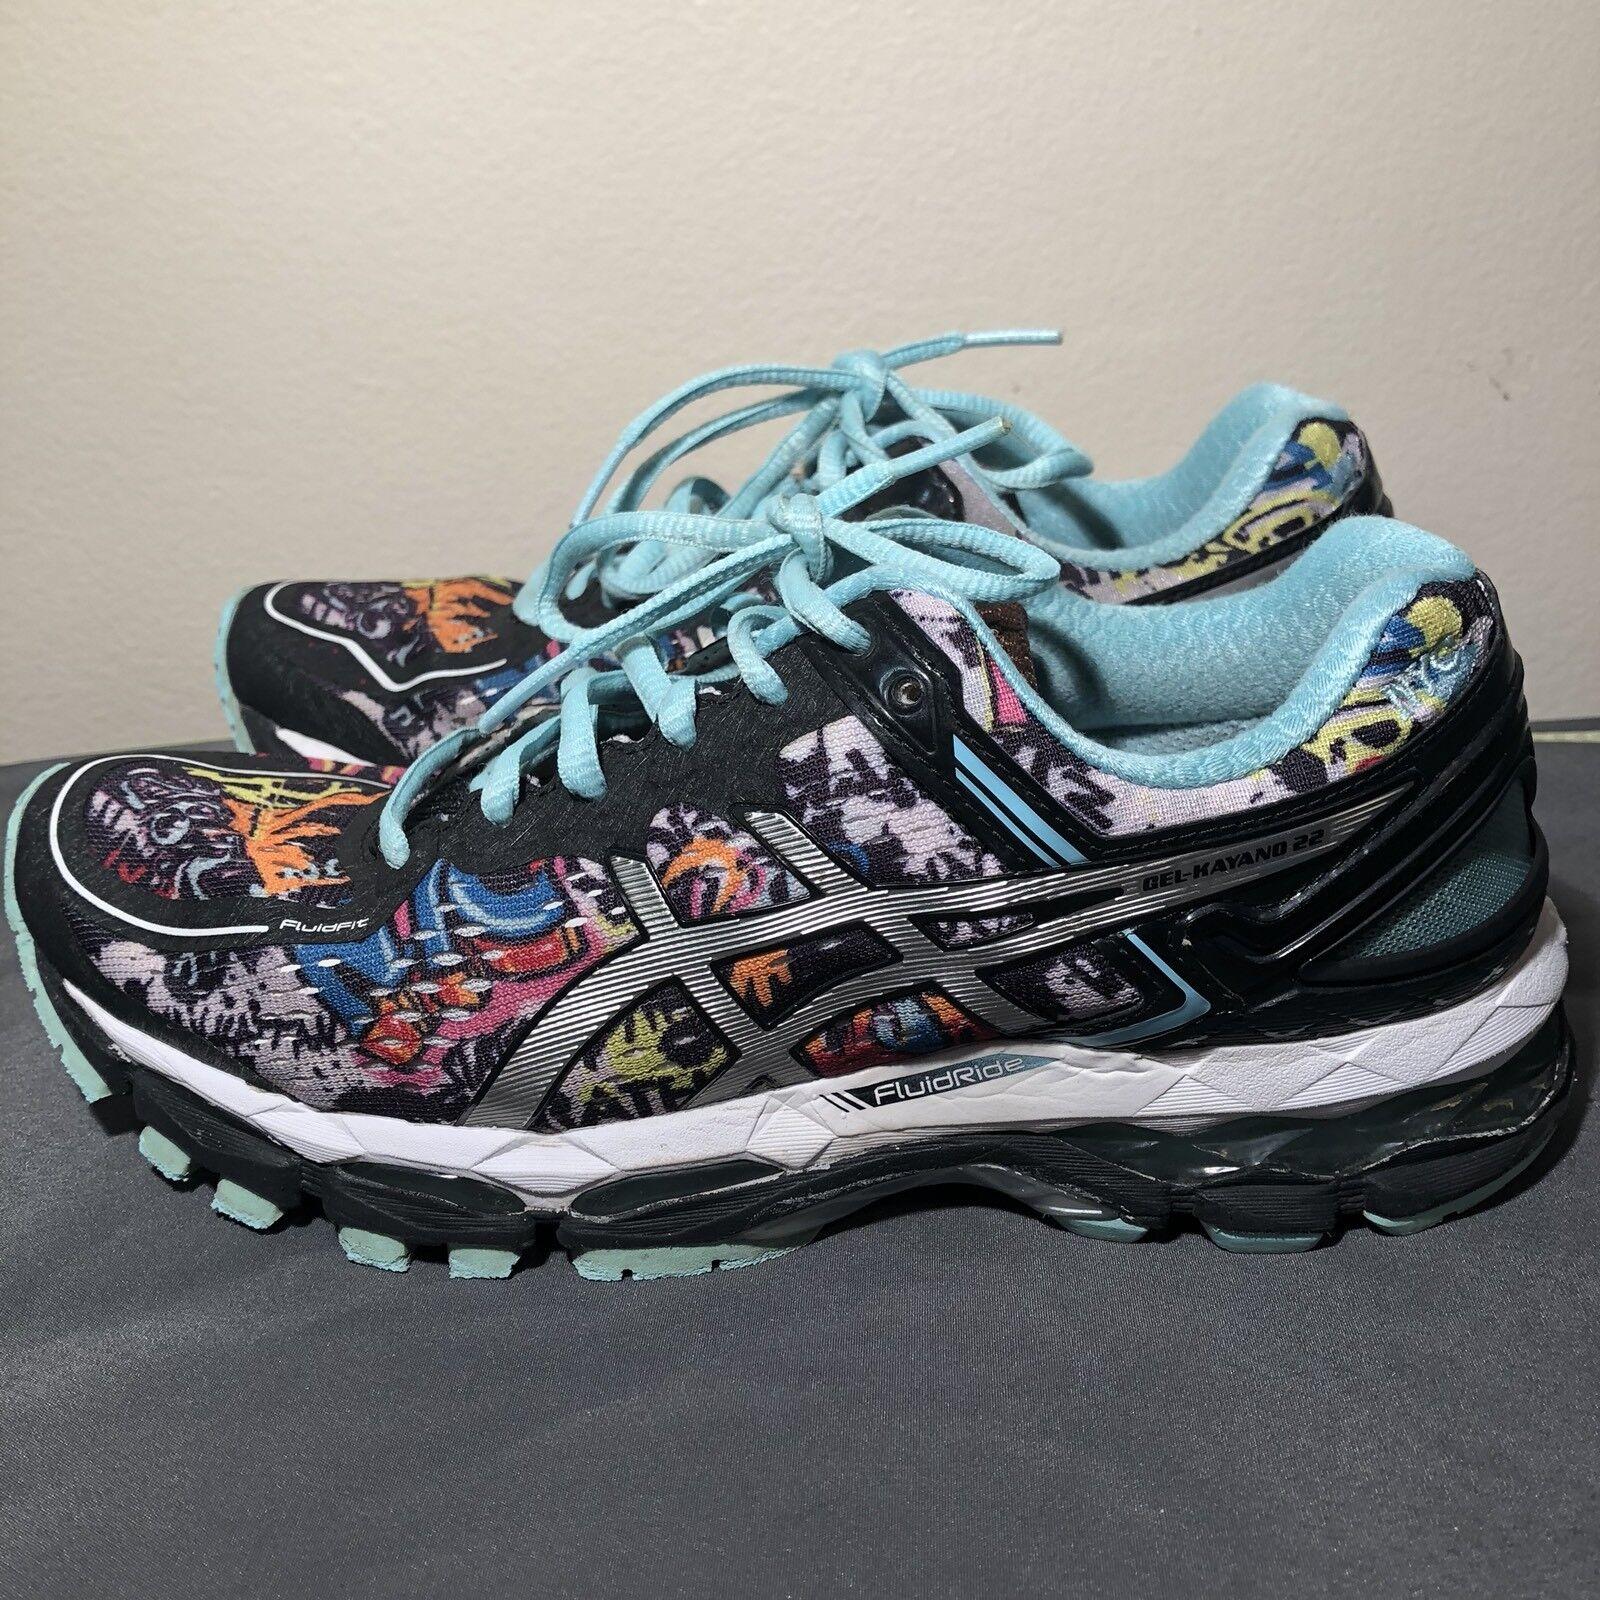 Asics Gel-Kayano 22 mujeres nos tamaño tamaño tamaño 7 NYC Marathon Ltd T5M7N Zapatos Para Correr Negro  la mejor selección de